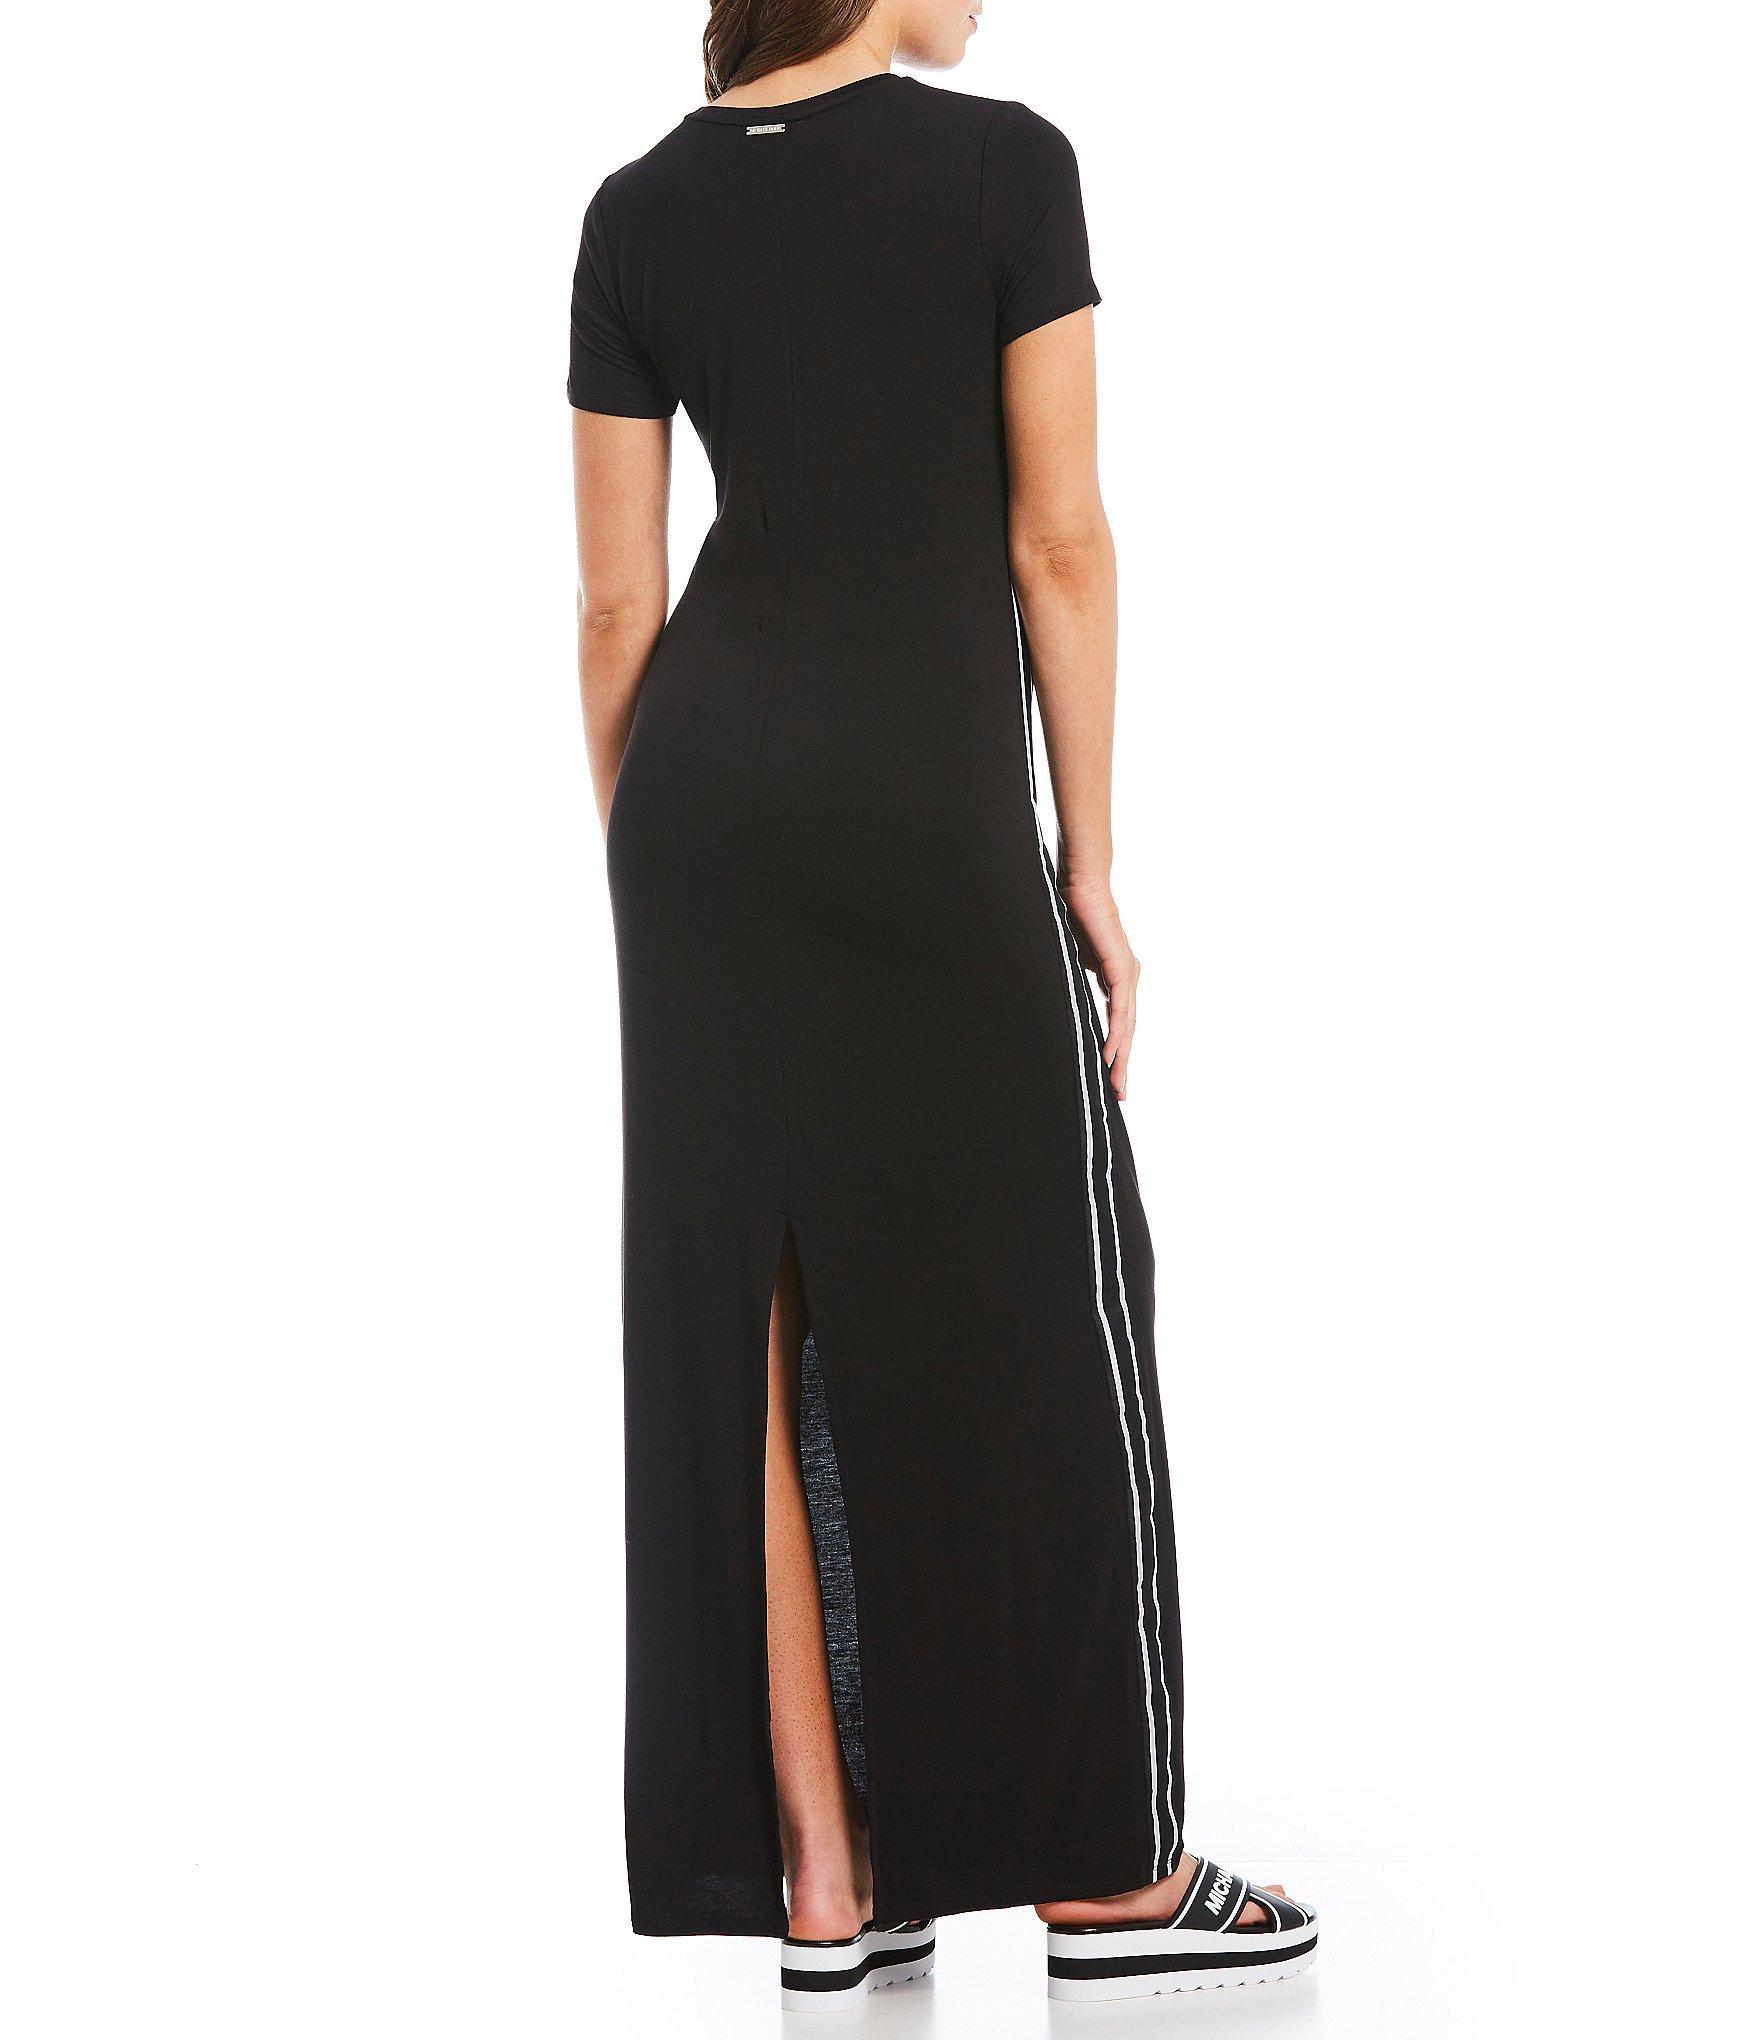 1c2f29c848b8 MICHAEL Michael Kors - Black Logo Tape Trim Knit Jersey Sport Maxi Dress -  Lyst. View fullscreen